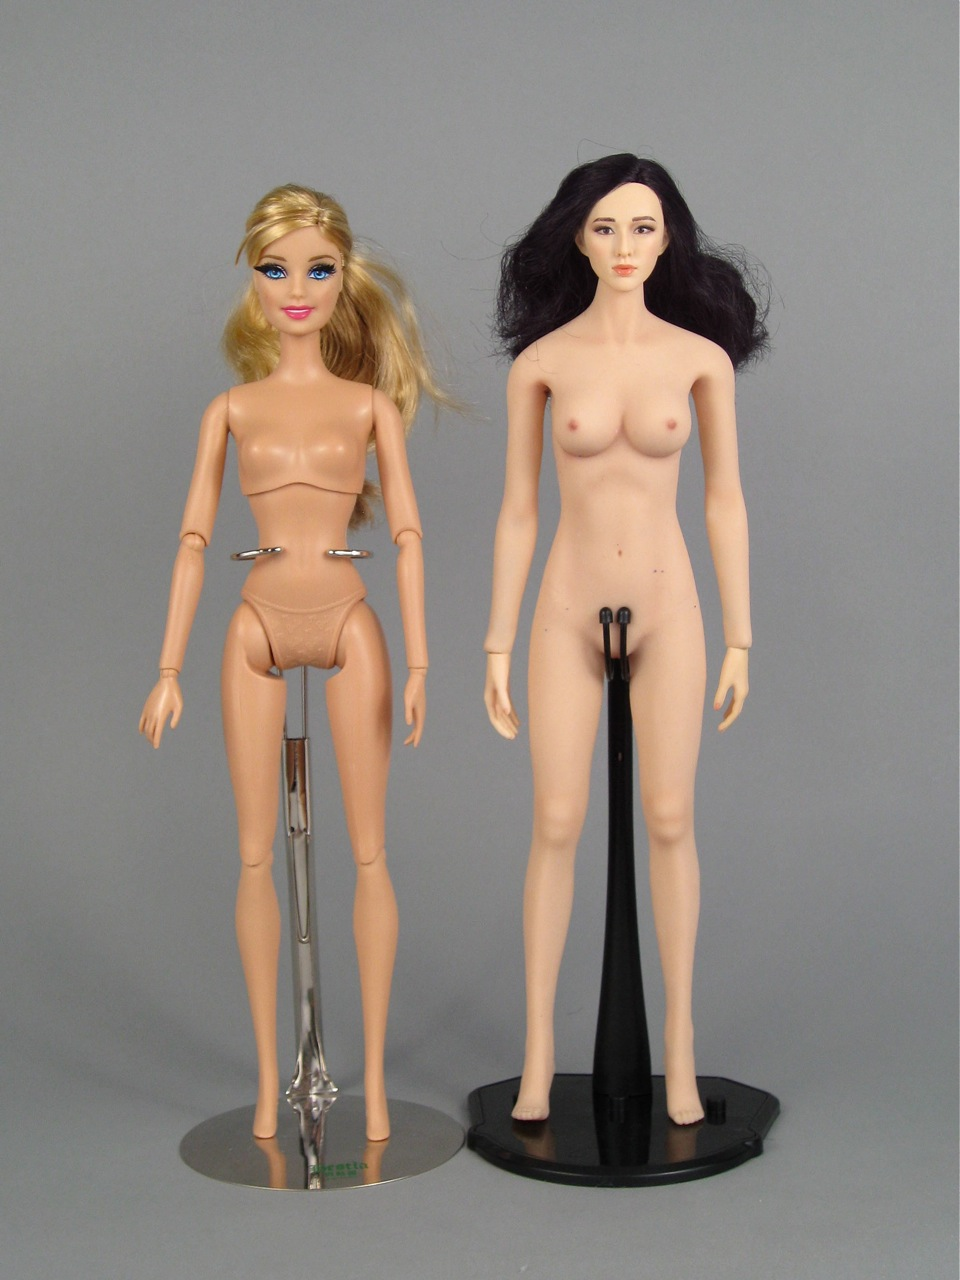 White guy and black girl naked